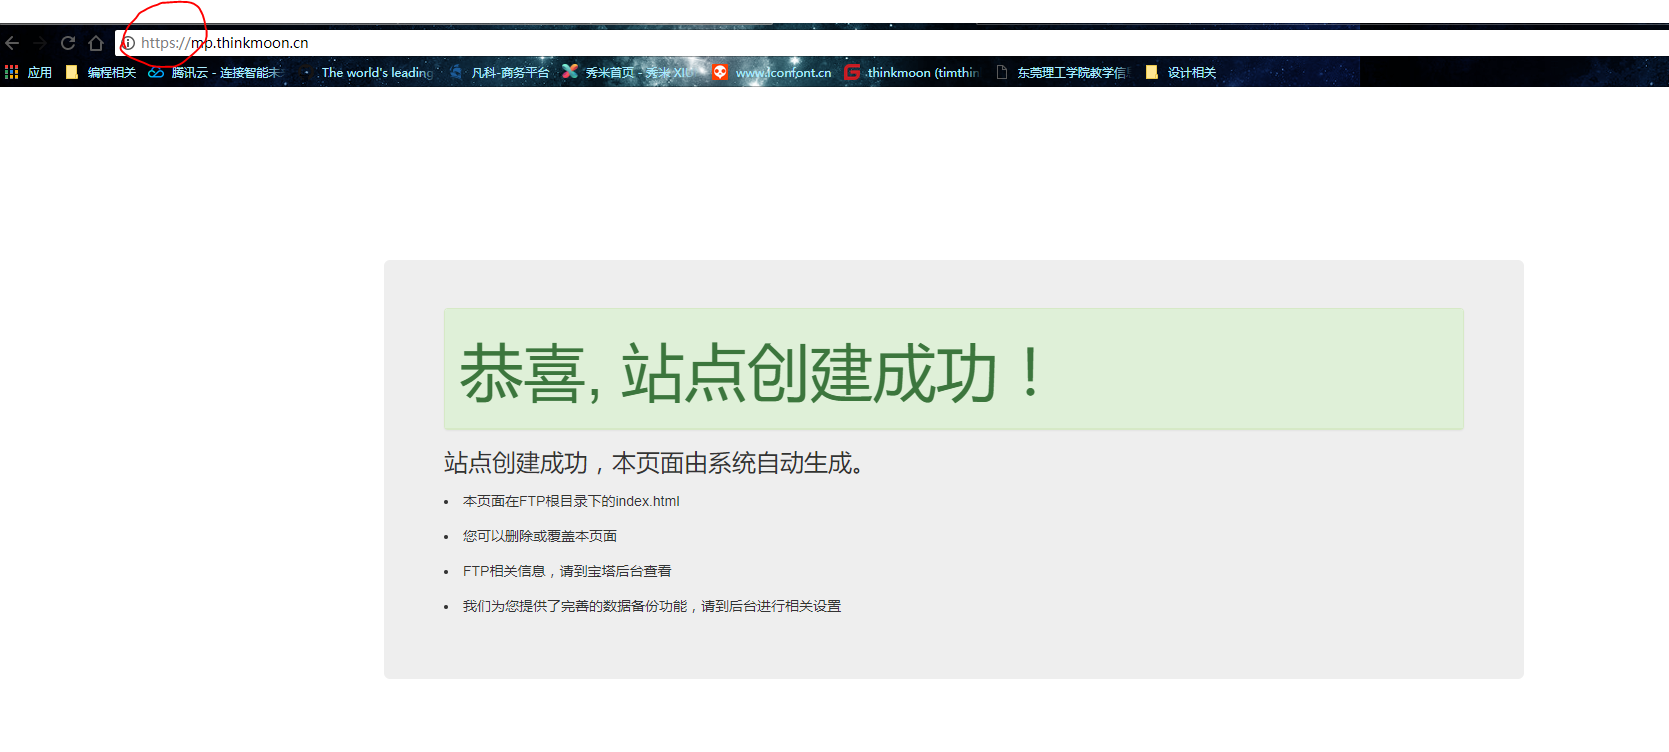 宝塔linux面板网站SSL